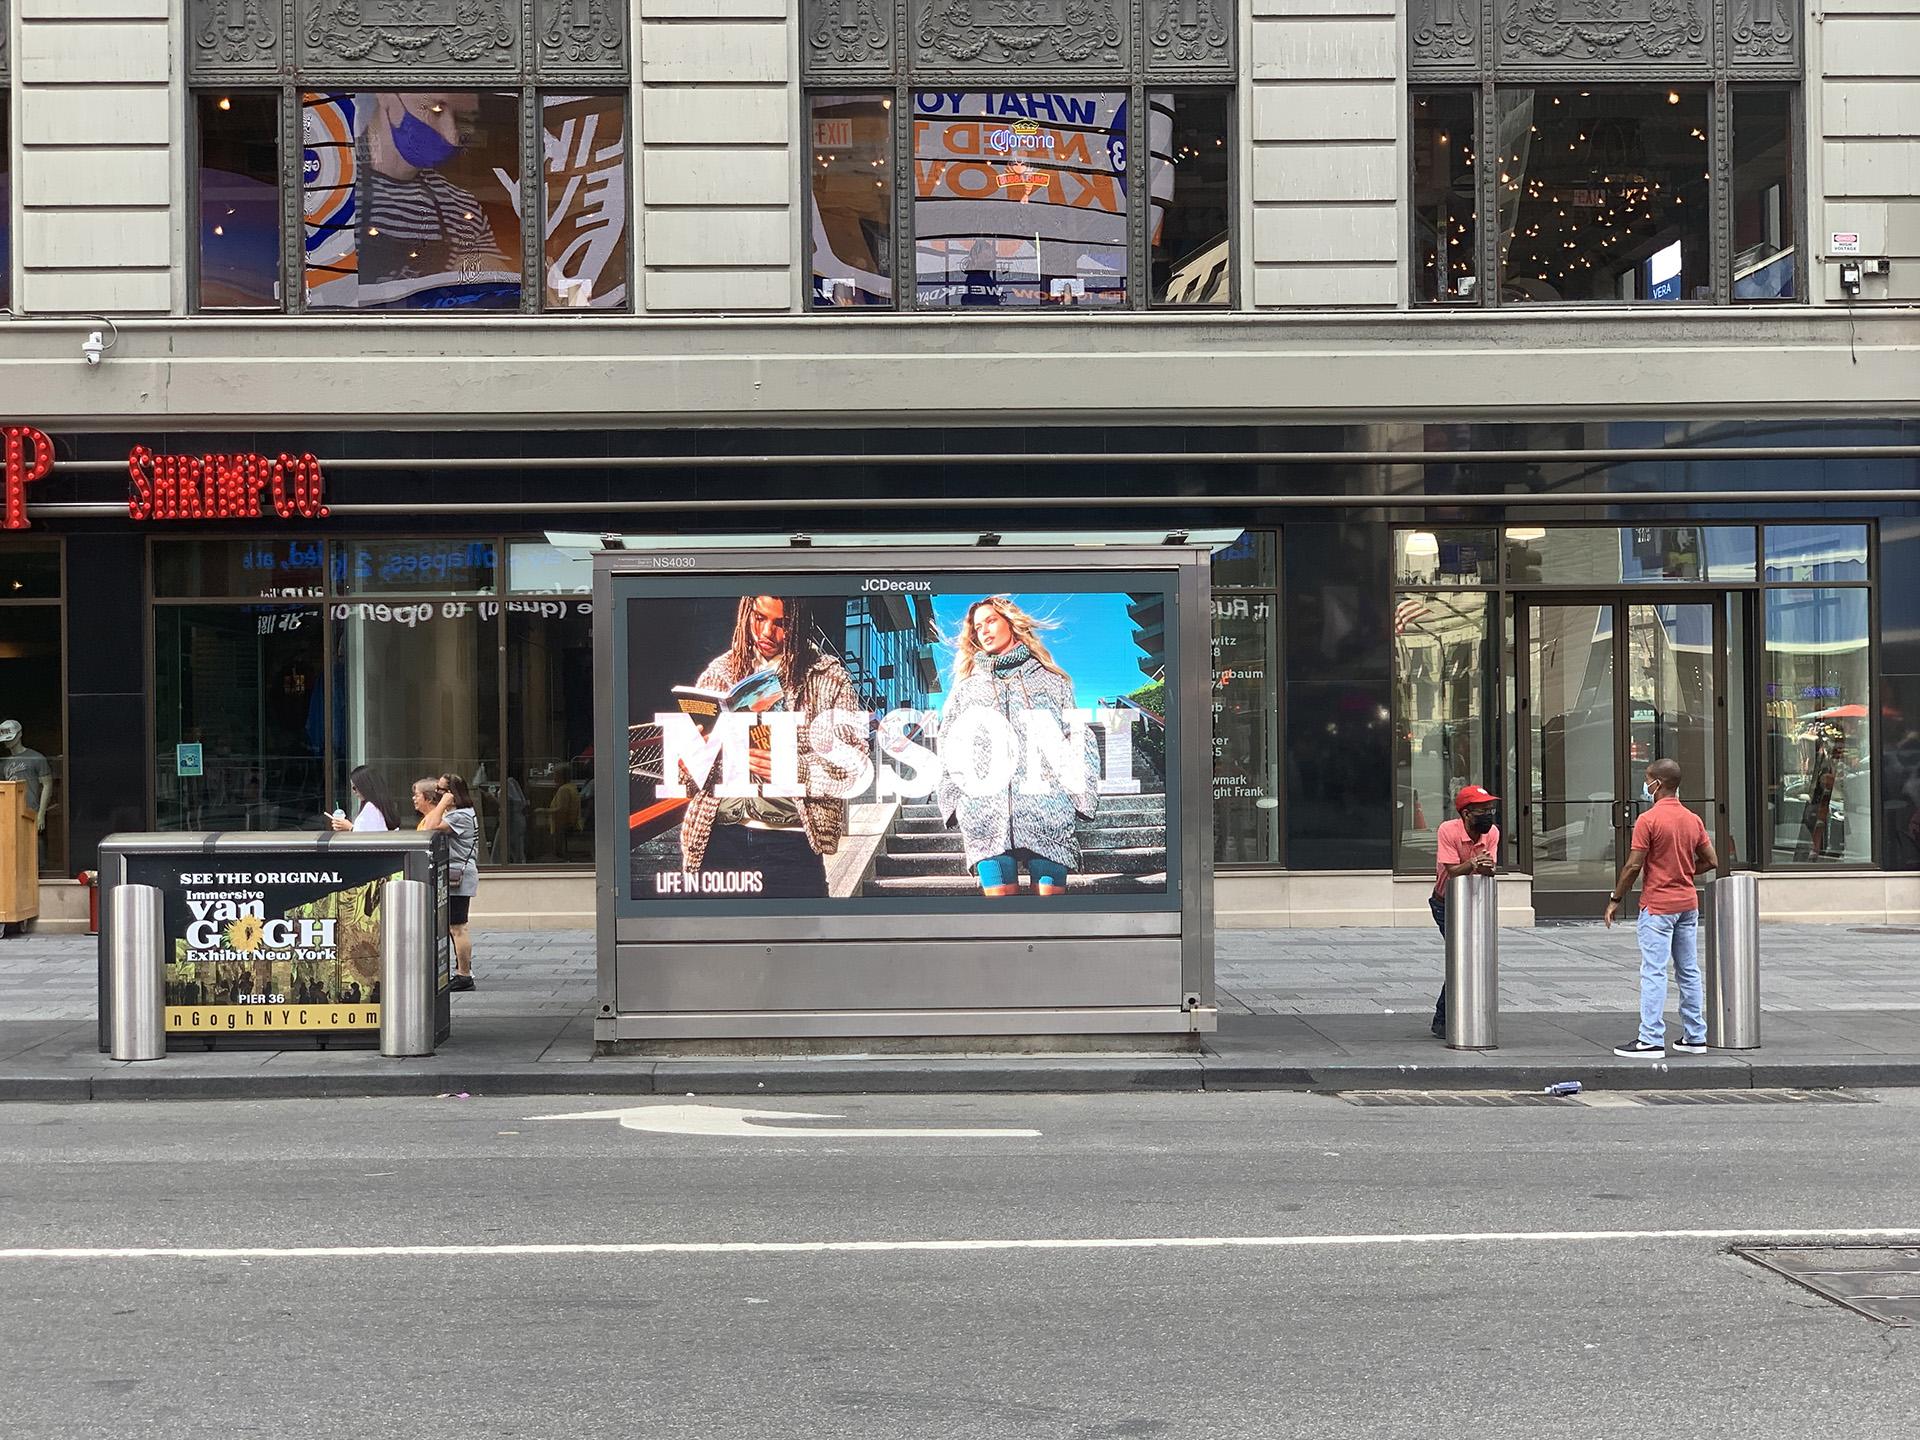 Missoni in NY